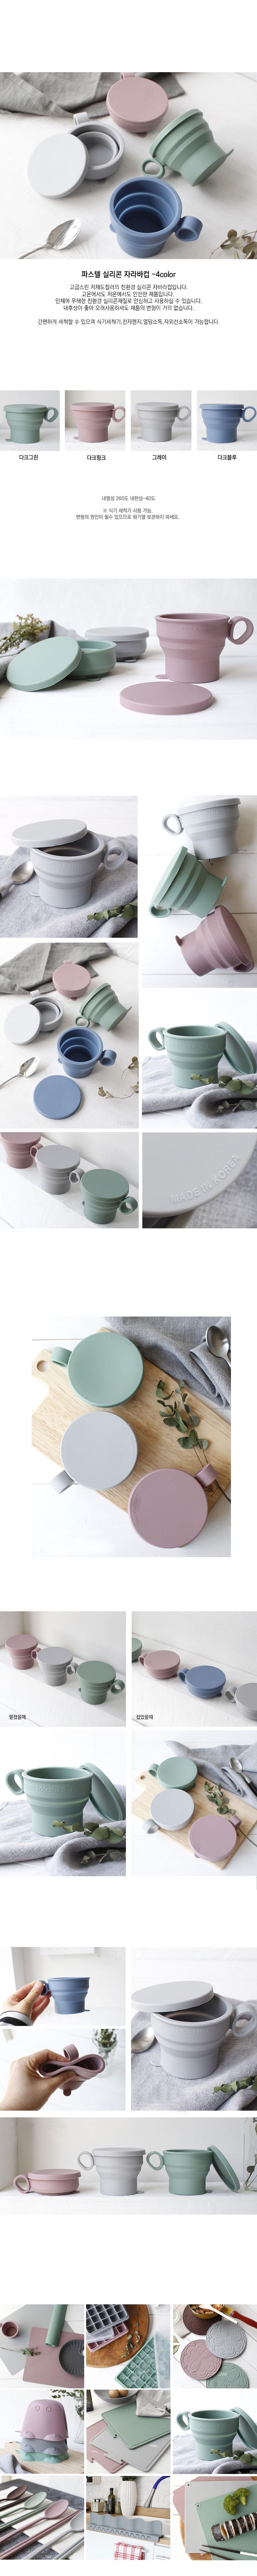 파스텔 실리콘 자바라 컵 1p  (4color)annahouse - 안나하우스, 5,000원, 커피잔/찻잔, 커피잔/찻잔